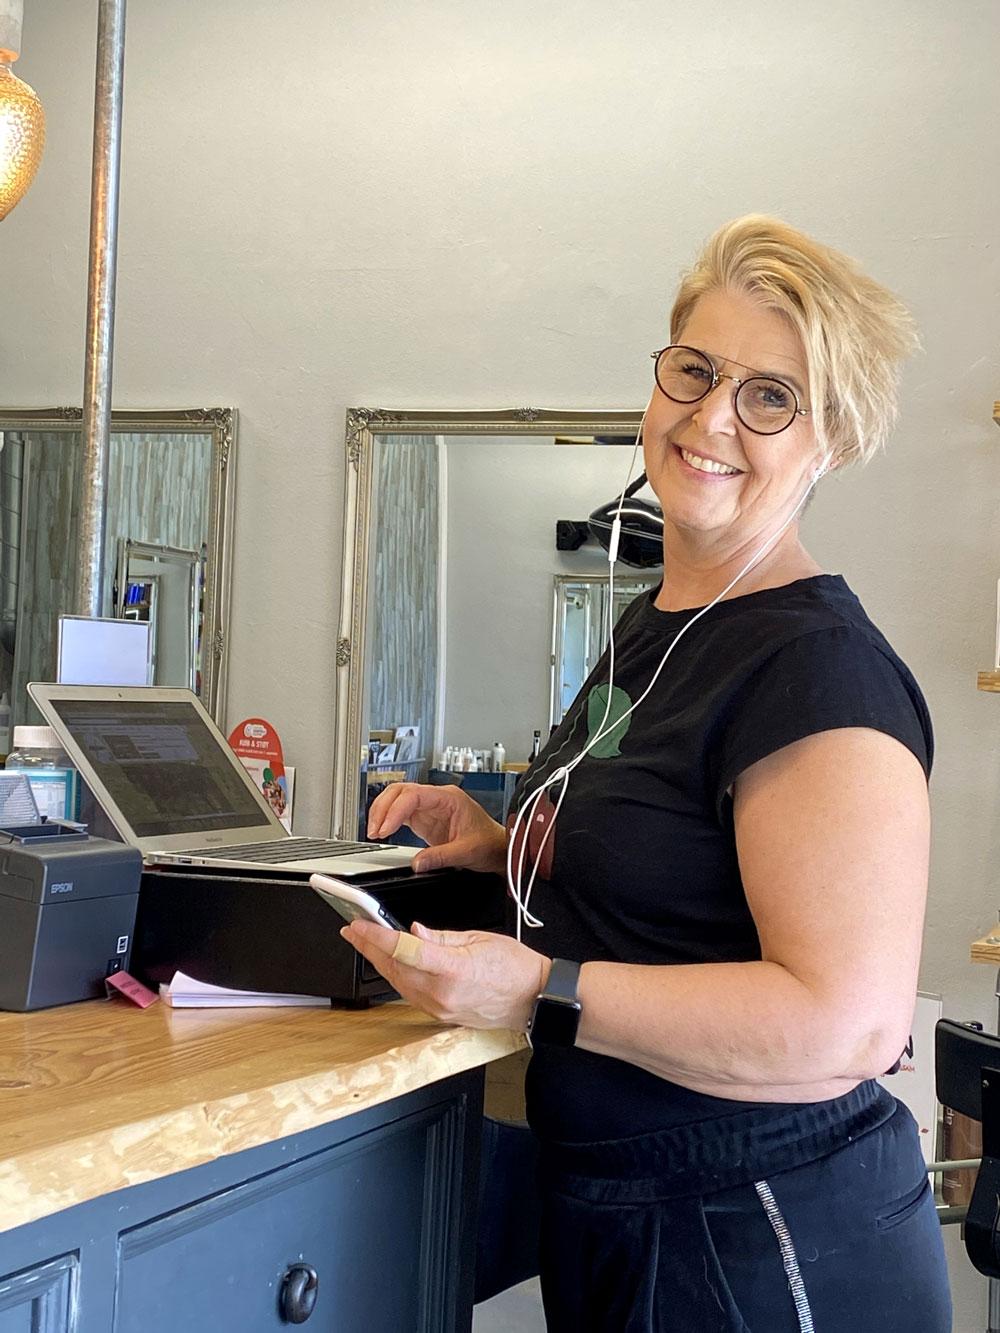 Jeanne står ved sin computer og smiler